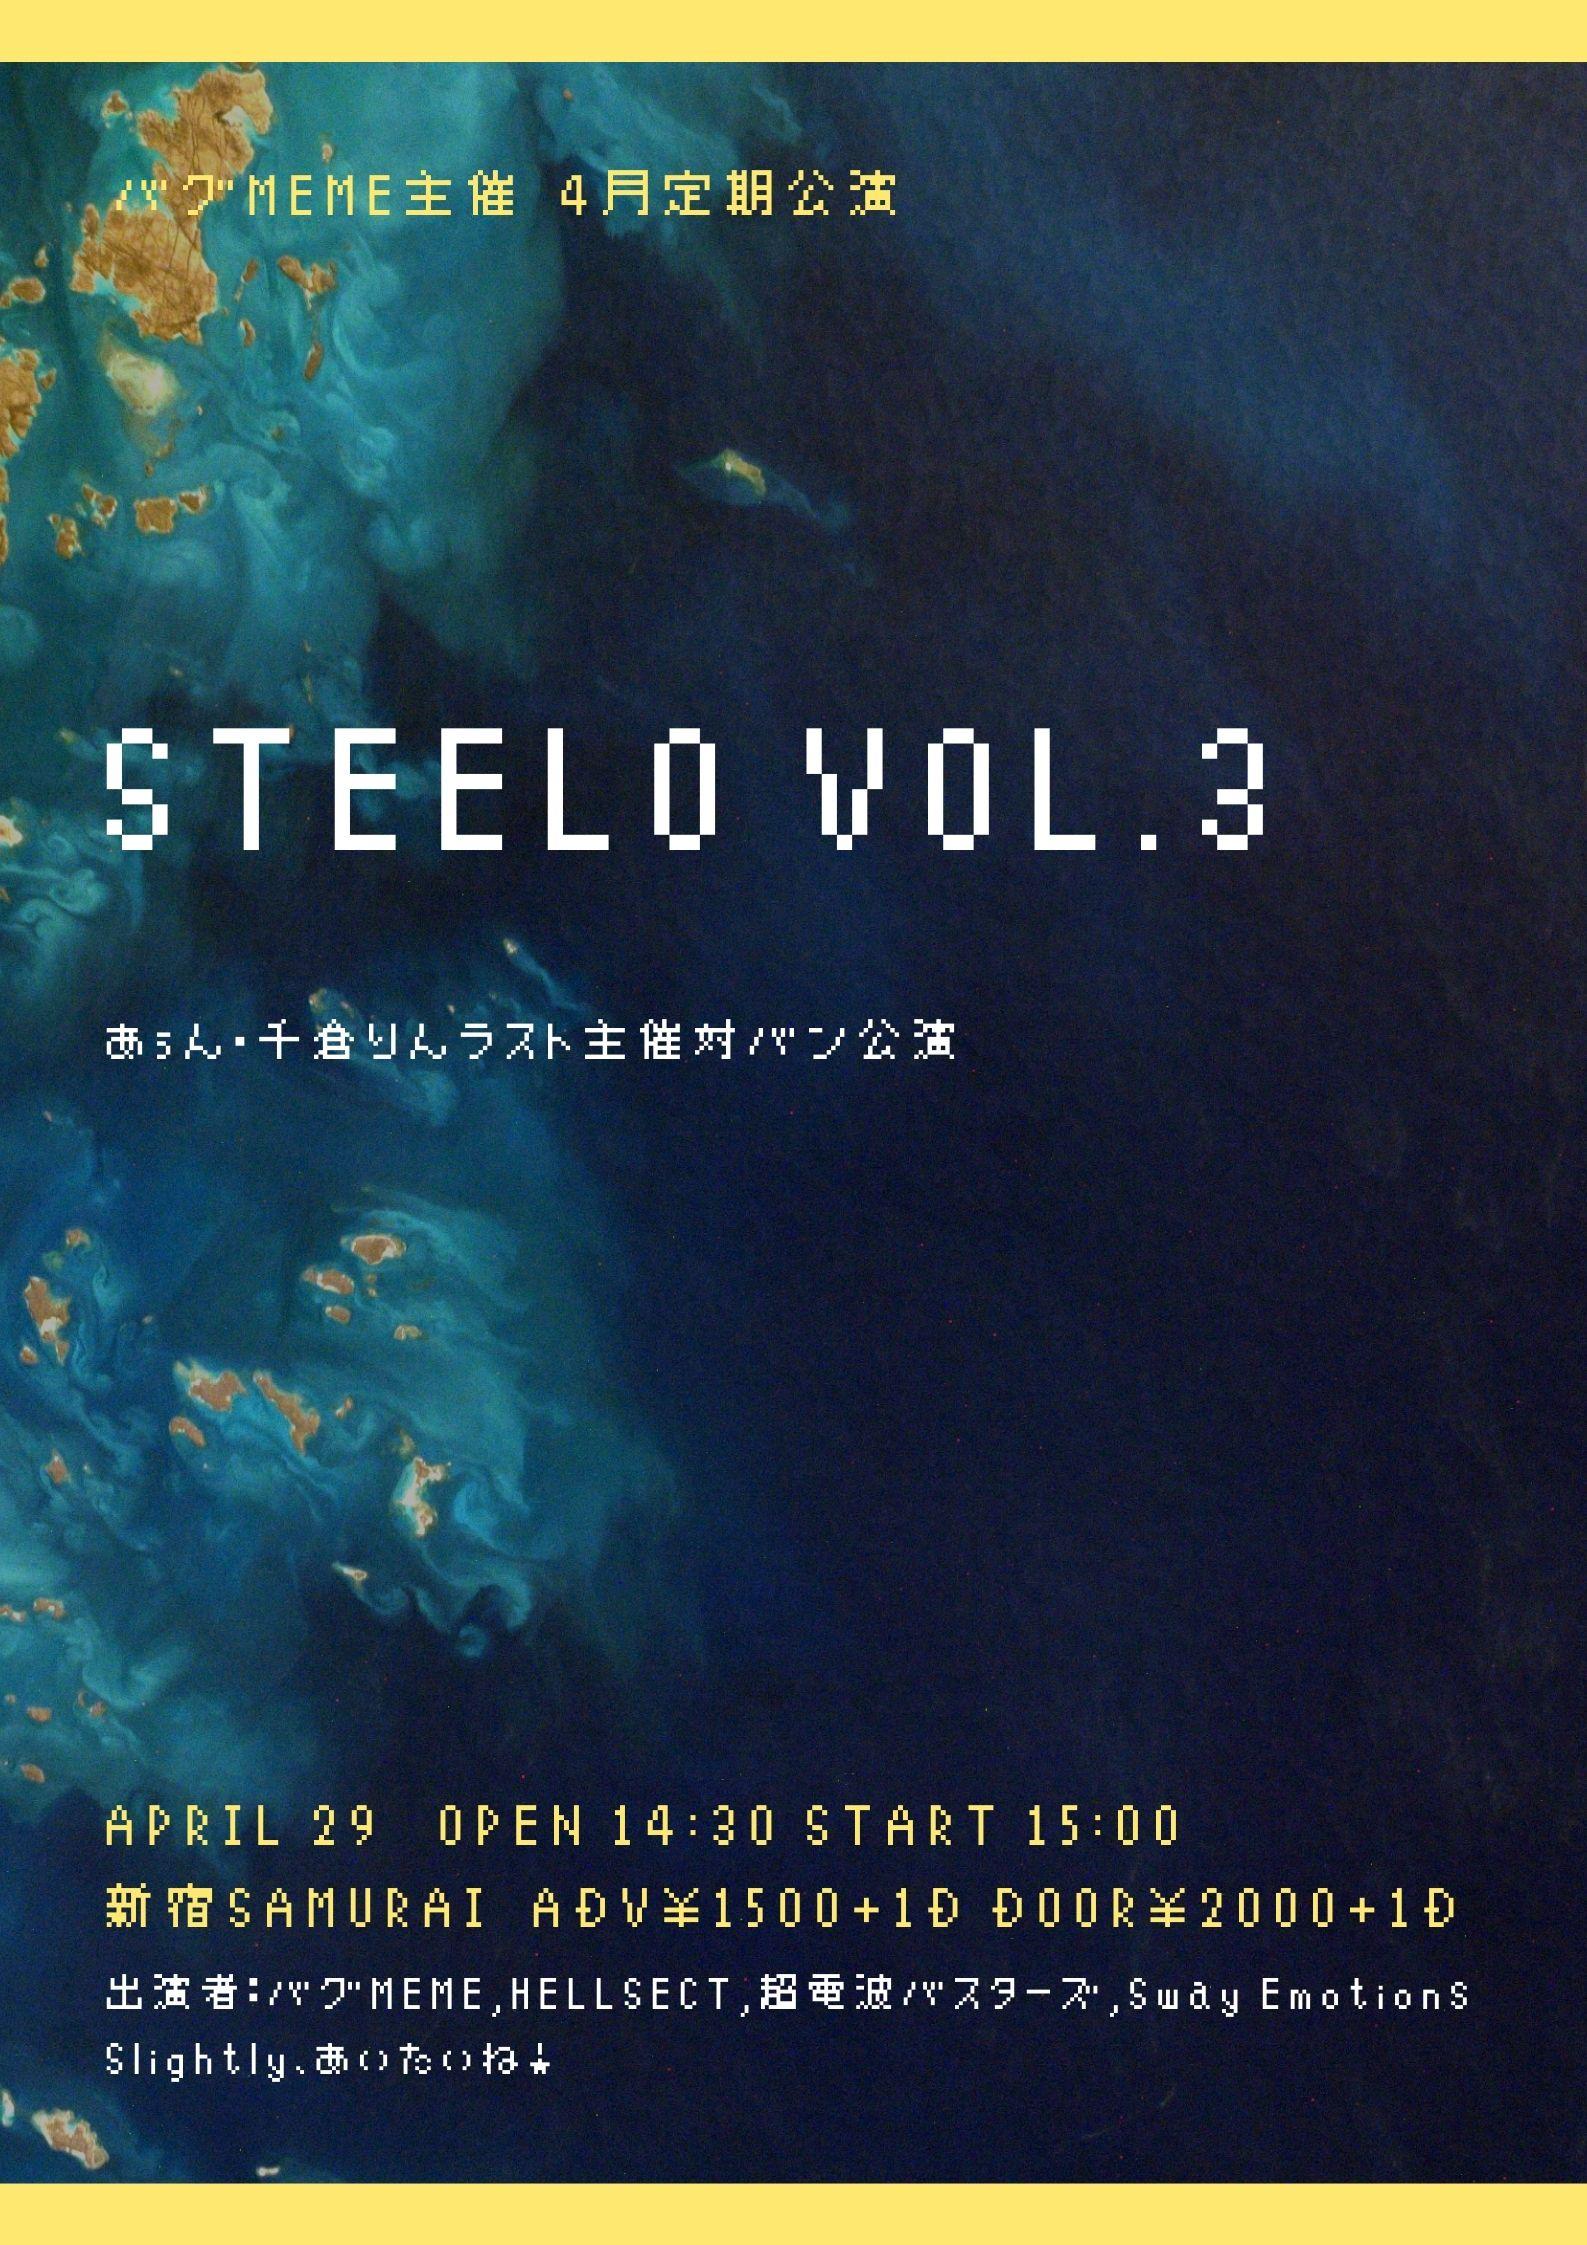 バグMEME4月定期公演 「STEELO Vol.3〜あぅん・千倉りんラスト対バン〜」